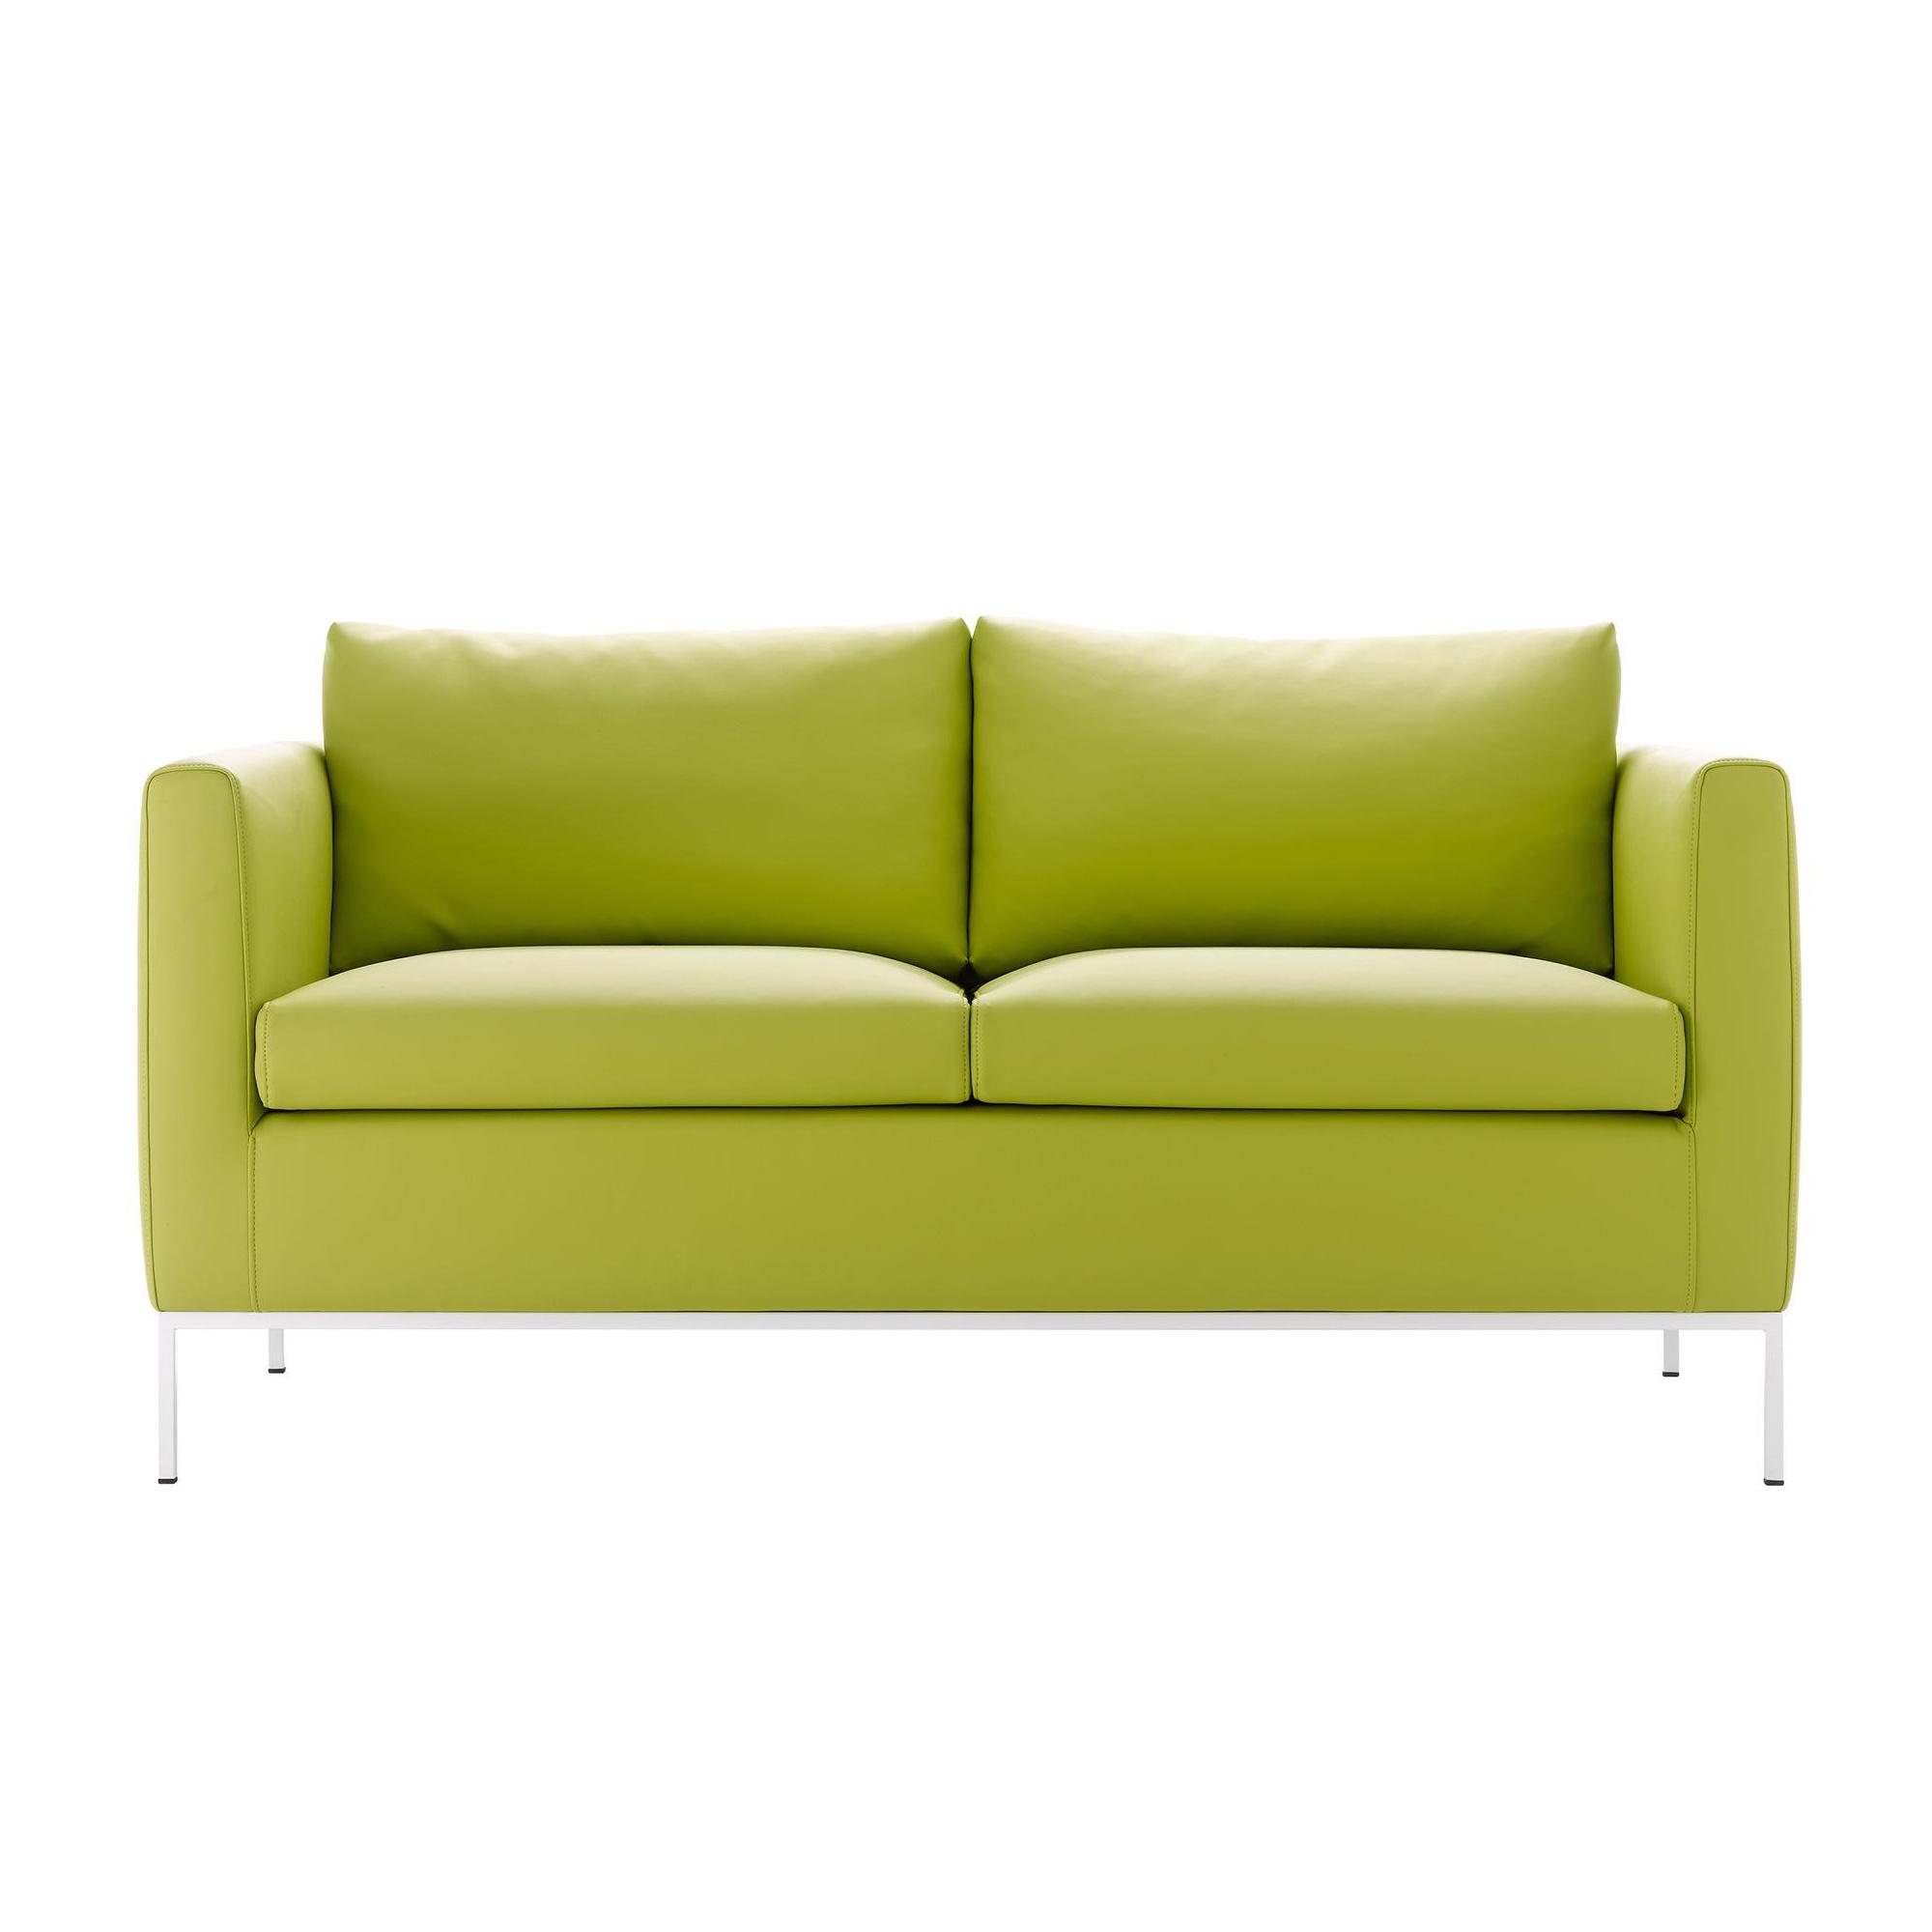 MDF Italia - Pad 3.0 - Canapé 2 places - vert clair/cuir artificiel York R349 Col. 931/PxHxP 137x74x77cm/structure laqué blanc mat